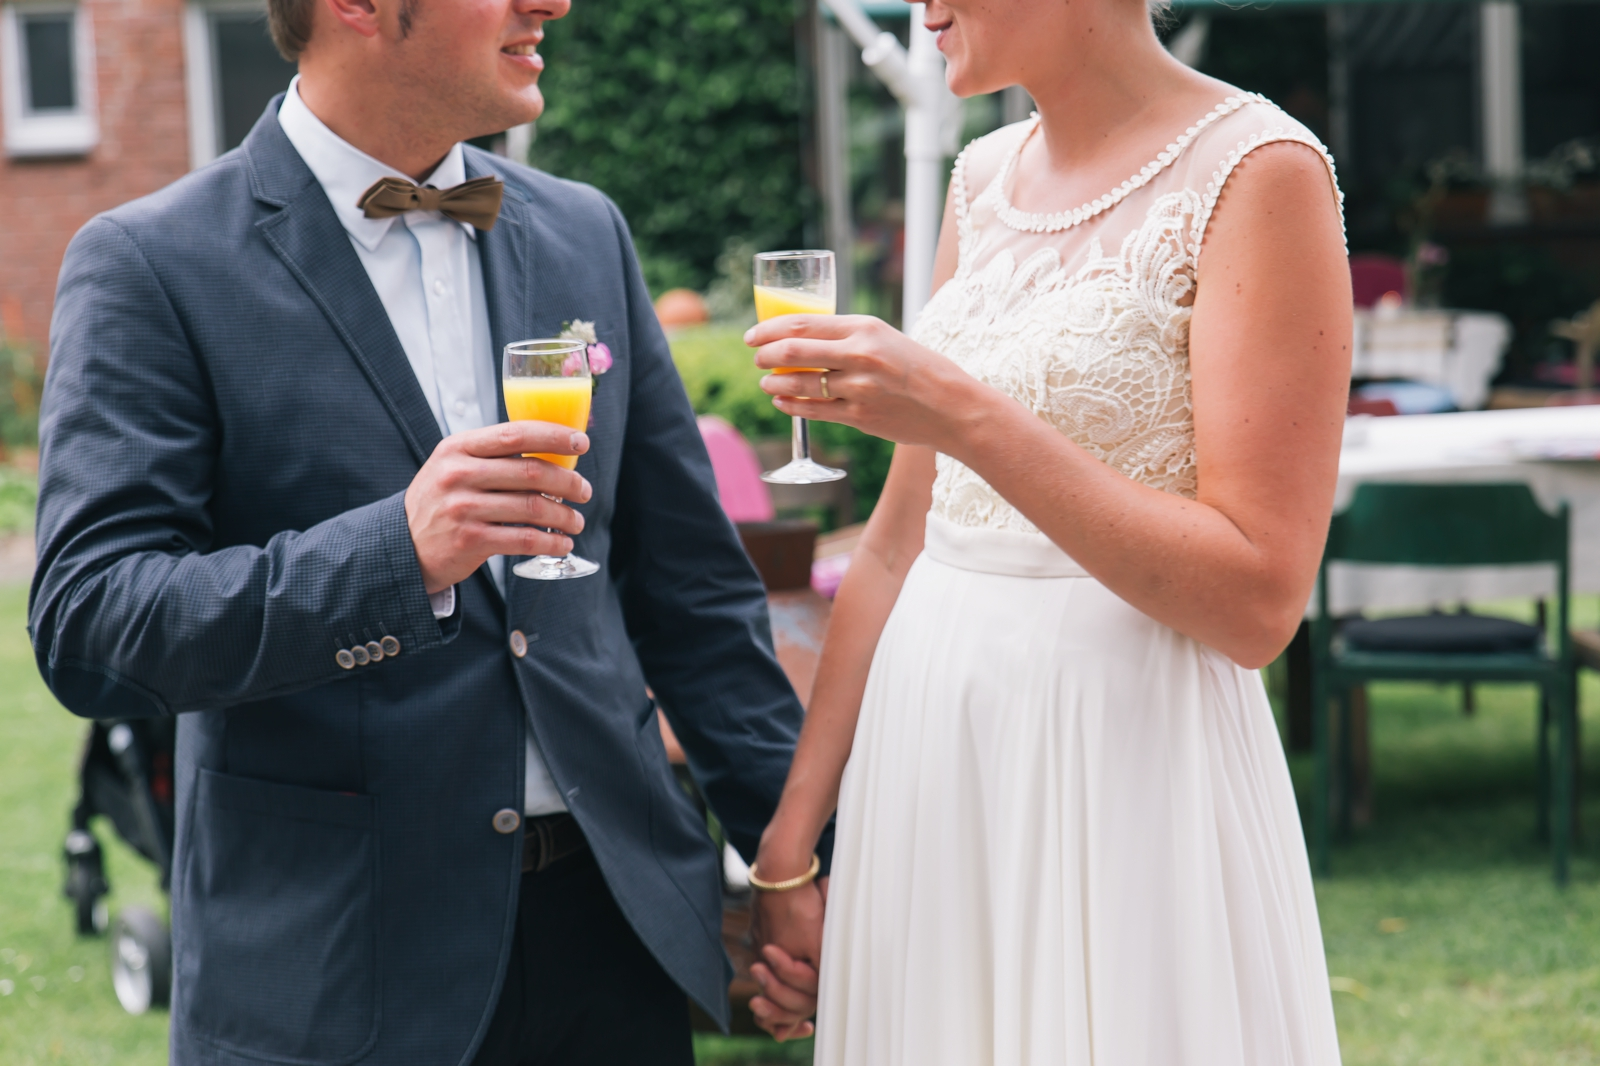 Monstergraphie_Hochzeitsreportage_Bottrop28.jpg?fit=1600%2C1066